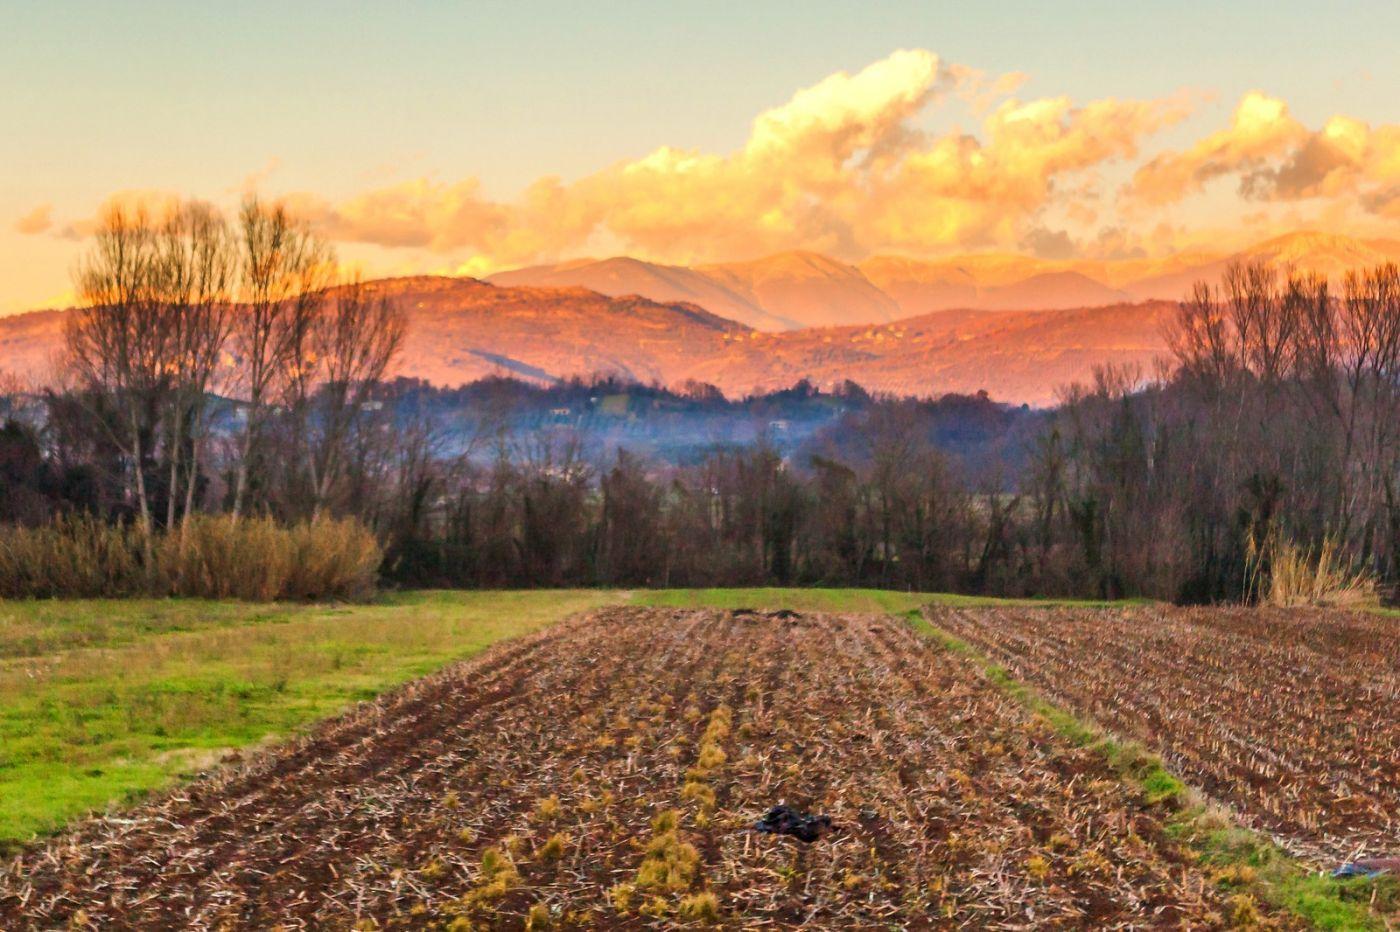 意大利路途,黄昏时的乡村_图1-25